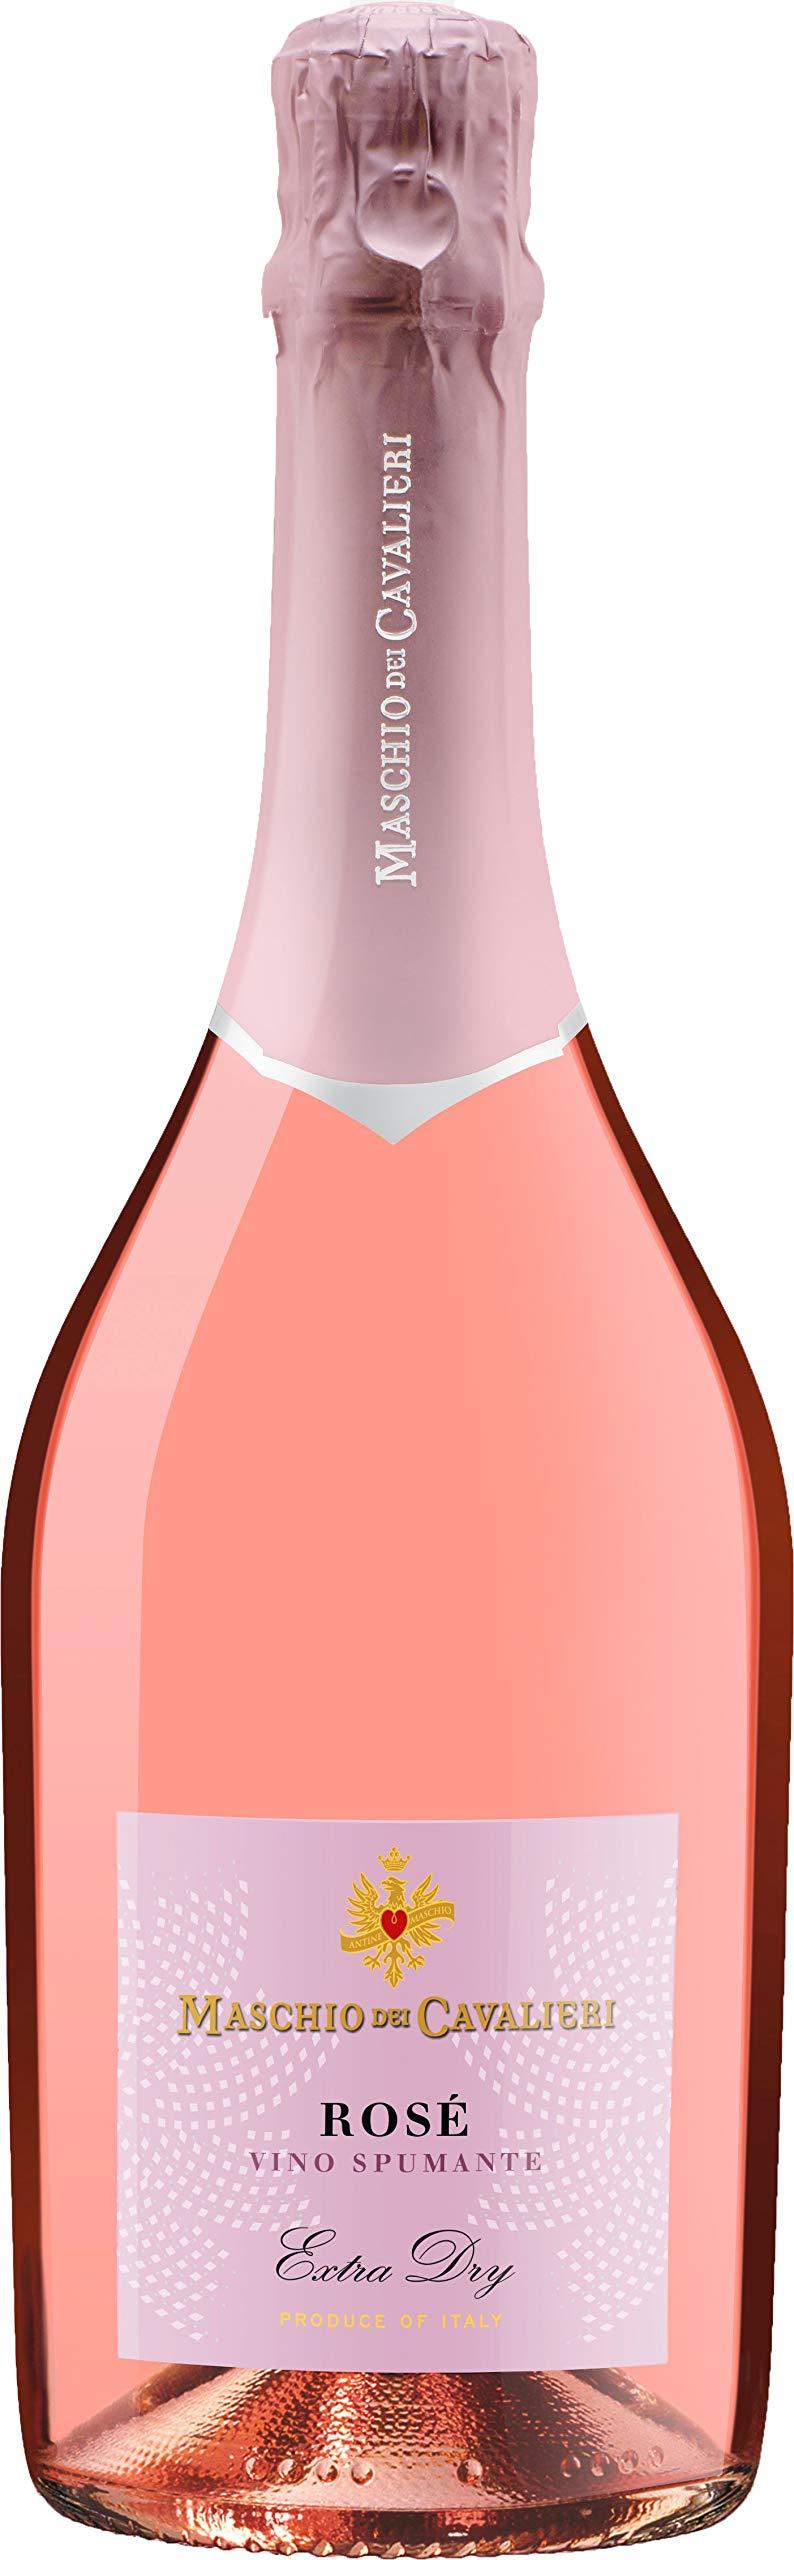 Rose-Vino-Spumante-Extra-Dry